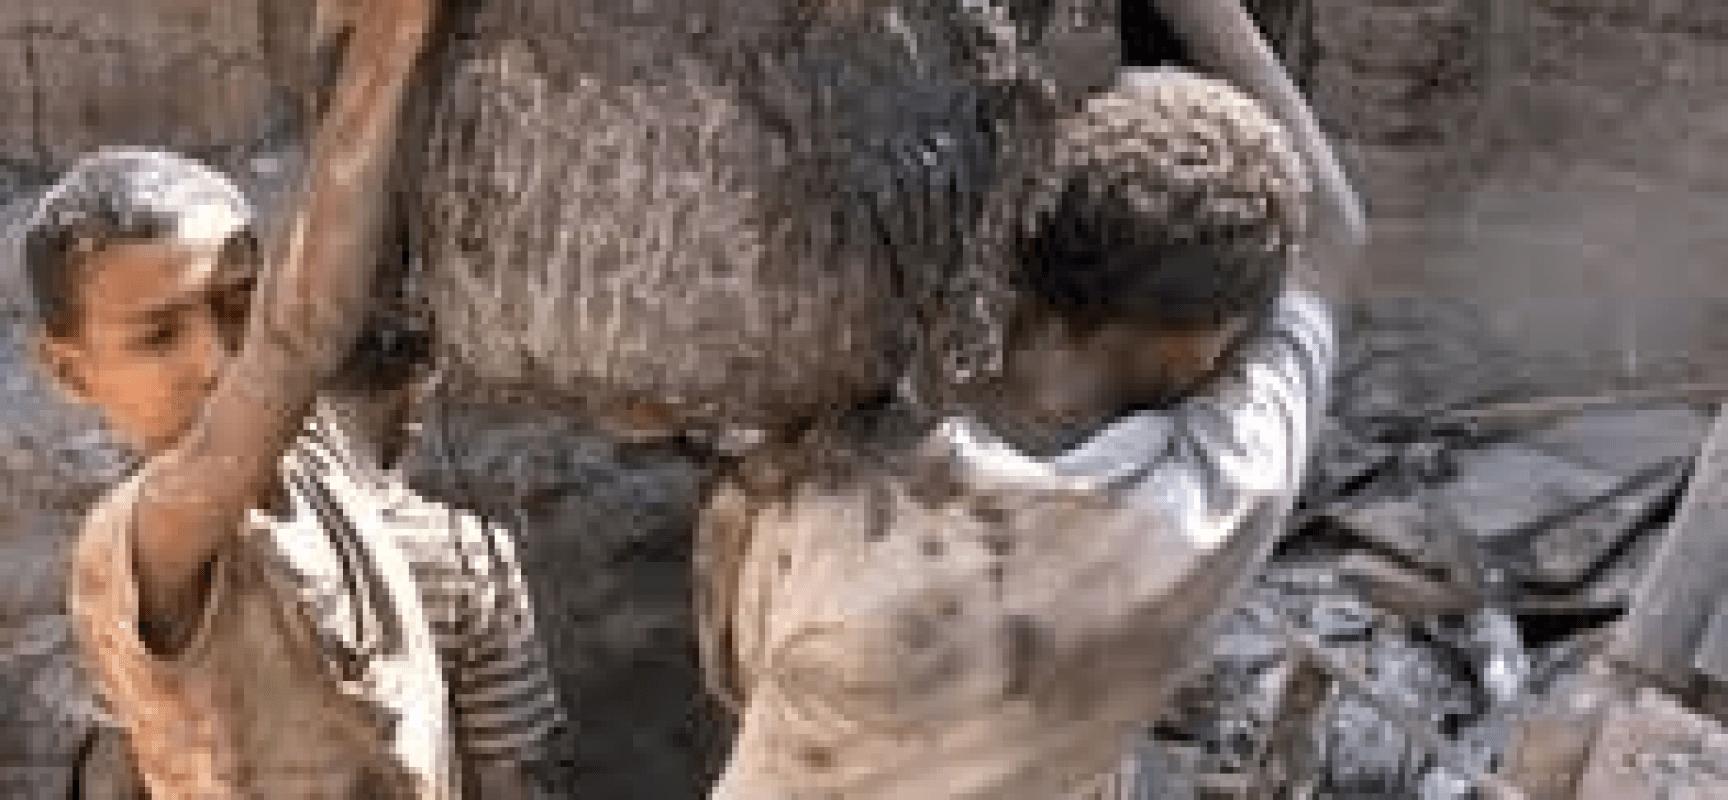 Child Labor- The fade future